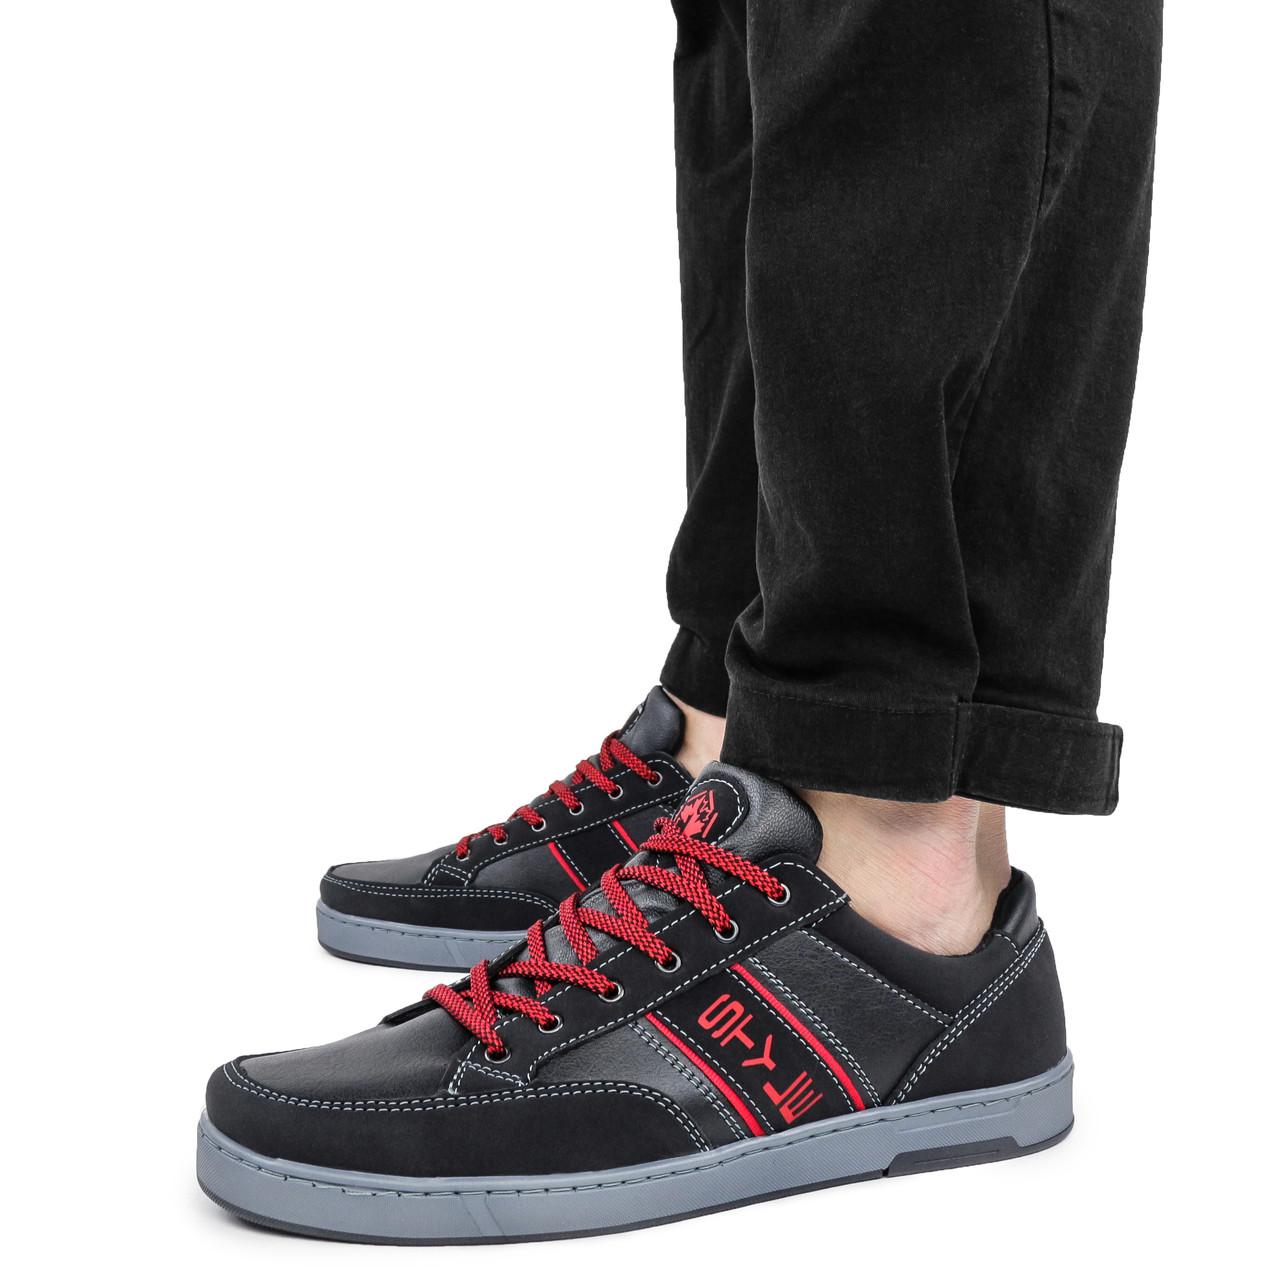 Кеды мужские Kindzer Style черные демисезонные кожзам 43 р. - 28,5 см (1356102177)